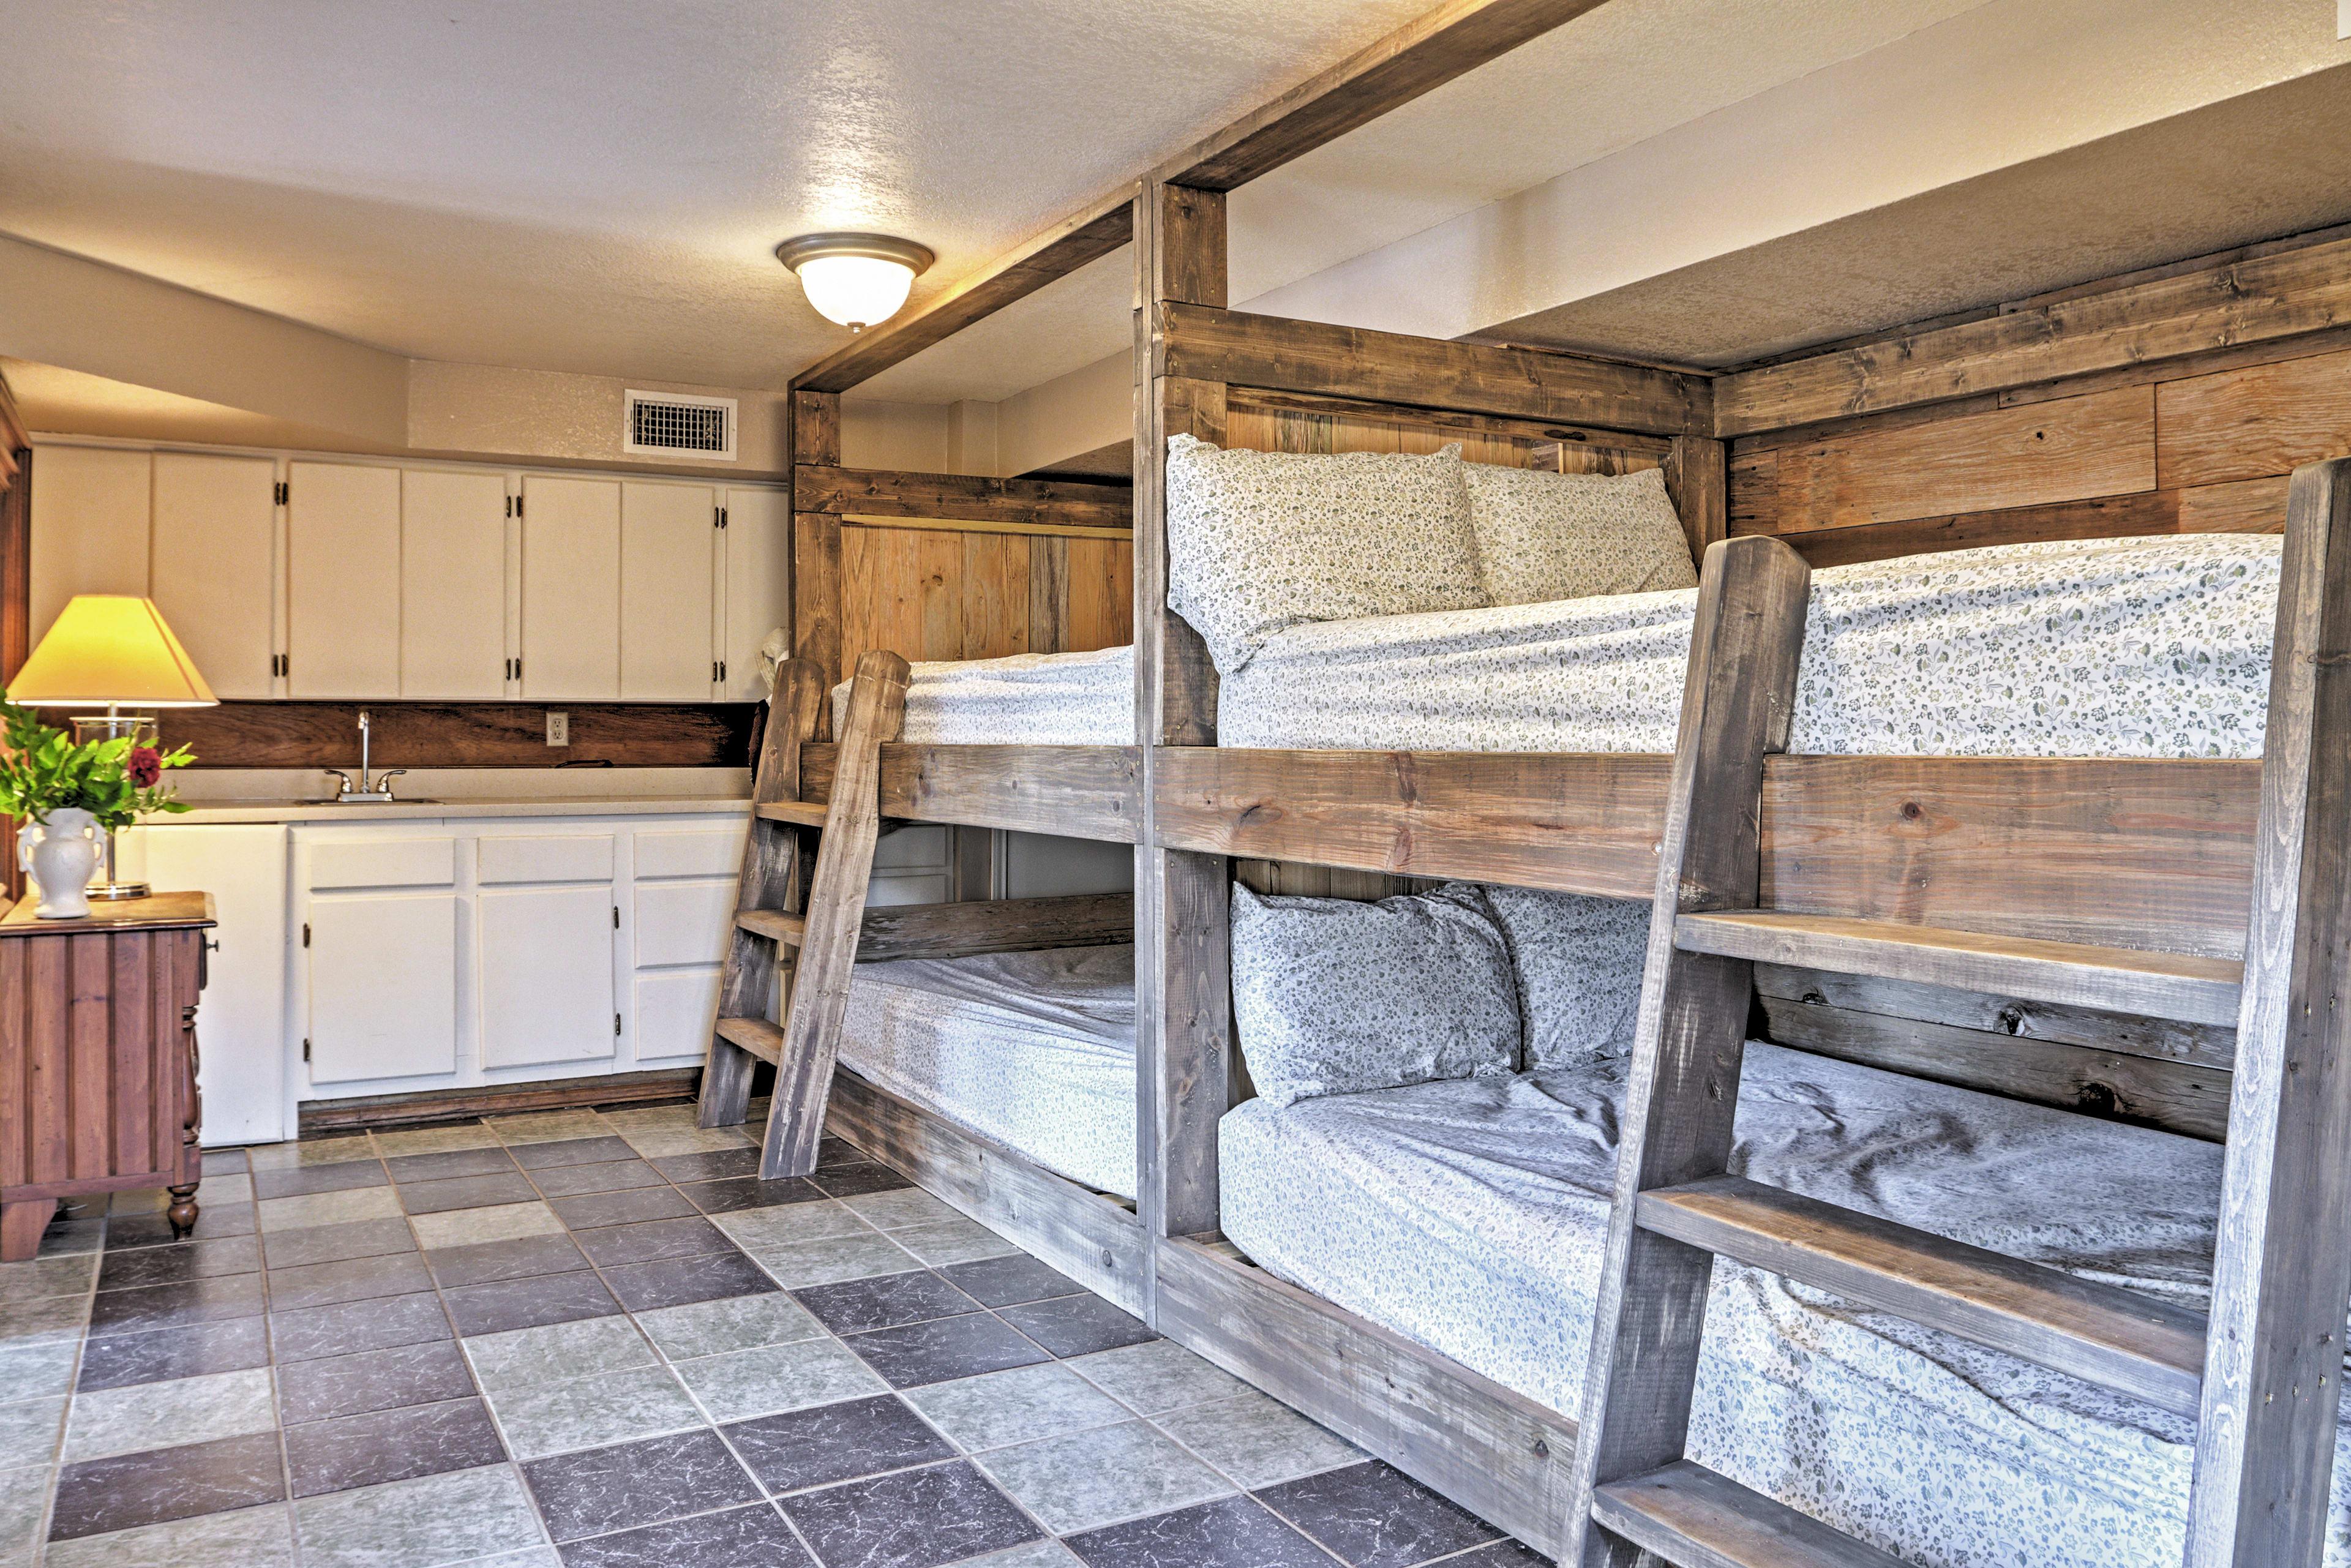 Bedroom 4 | 2 Full Bunk Beds